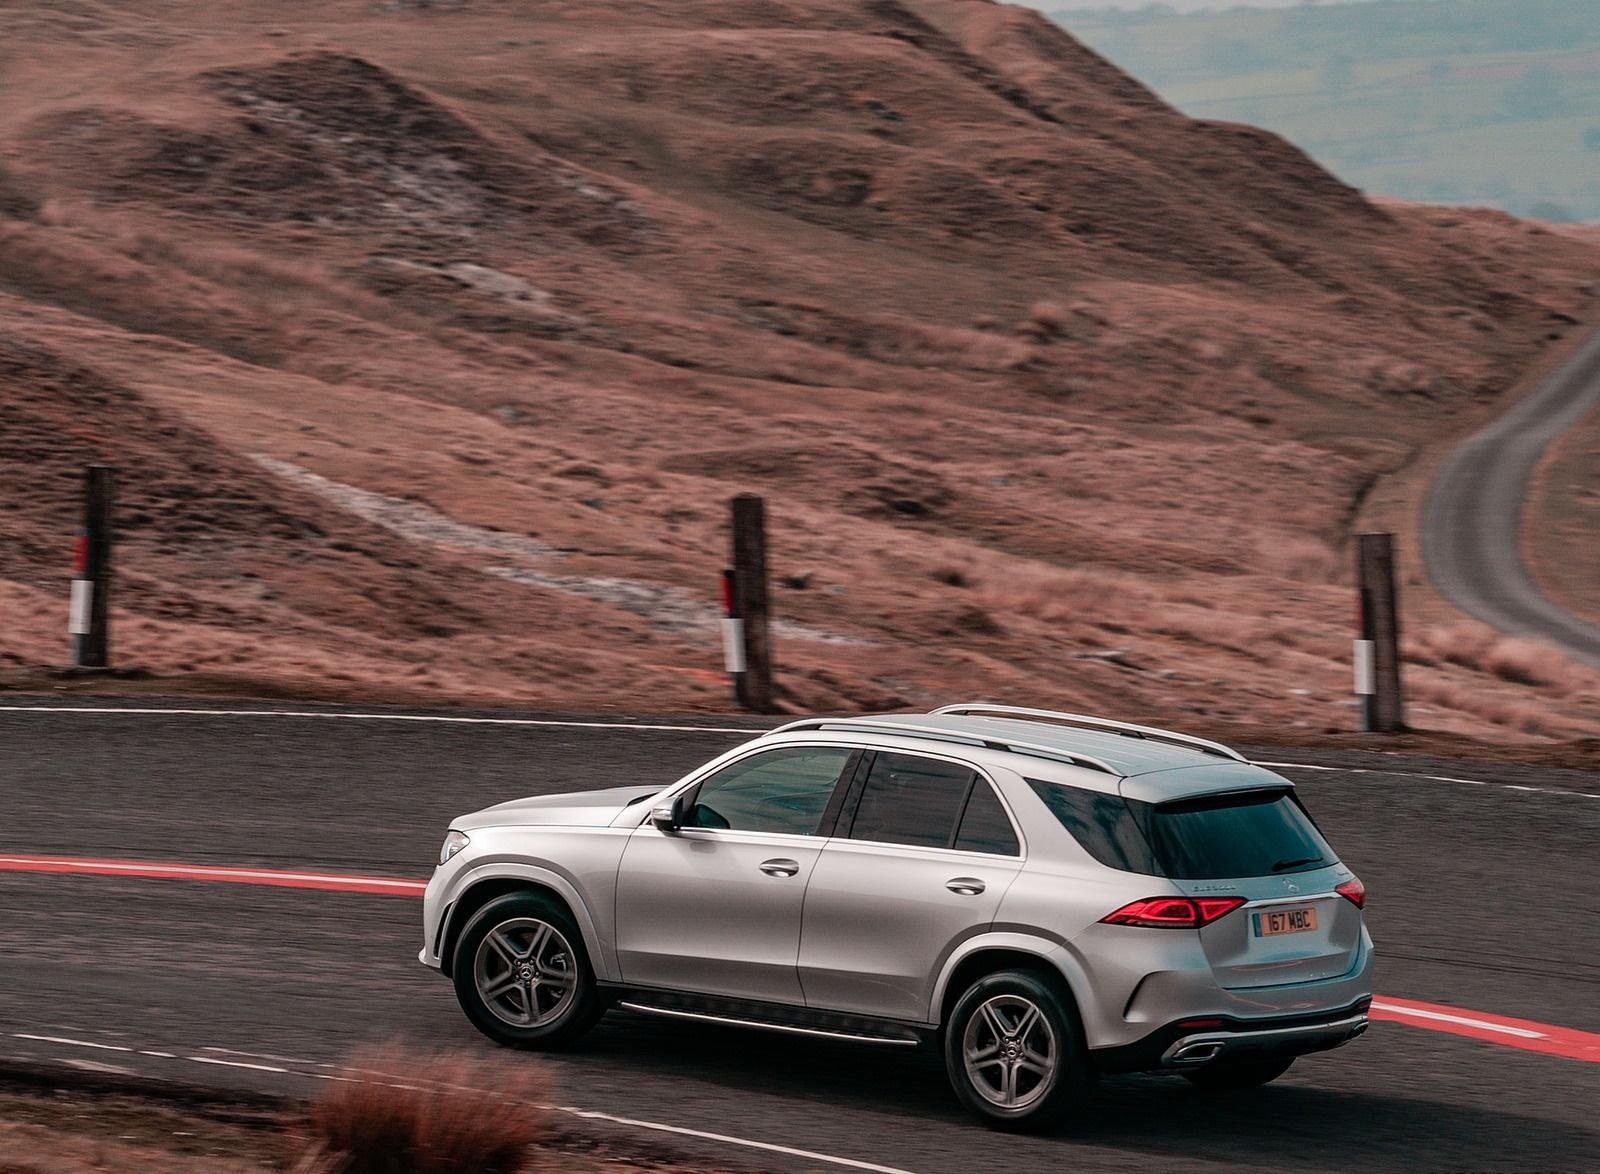 2020 Mercedes-Benz GLE 300d (UK-Spec) Rear Three-Quarter Wallpapers (9)